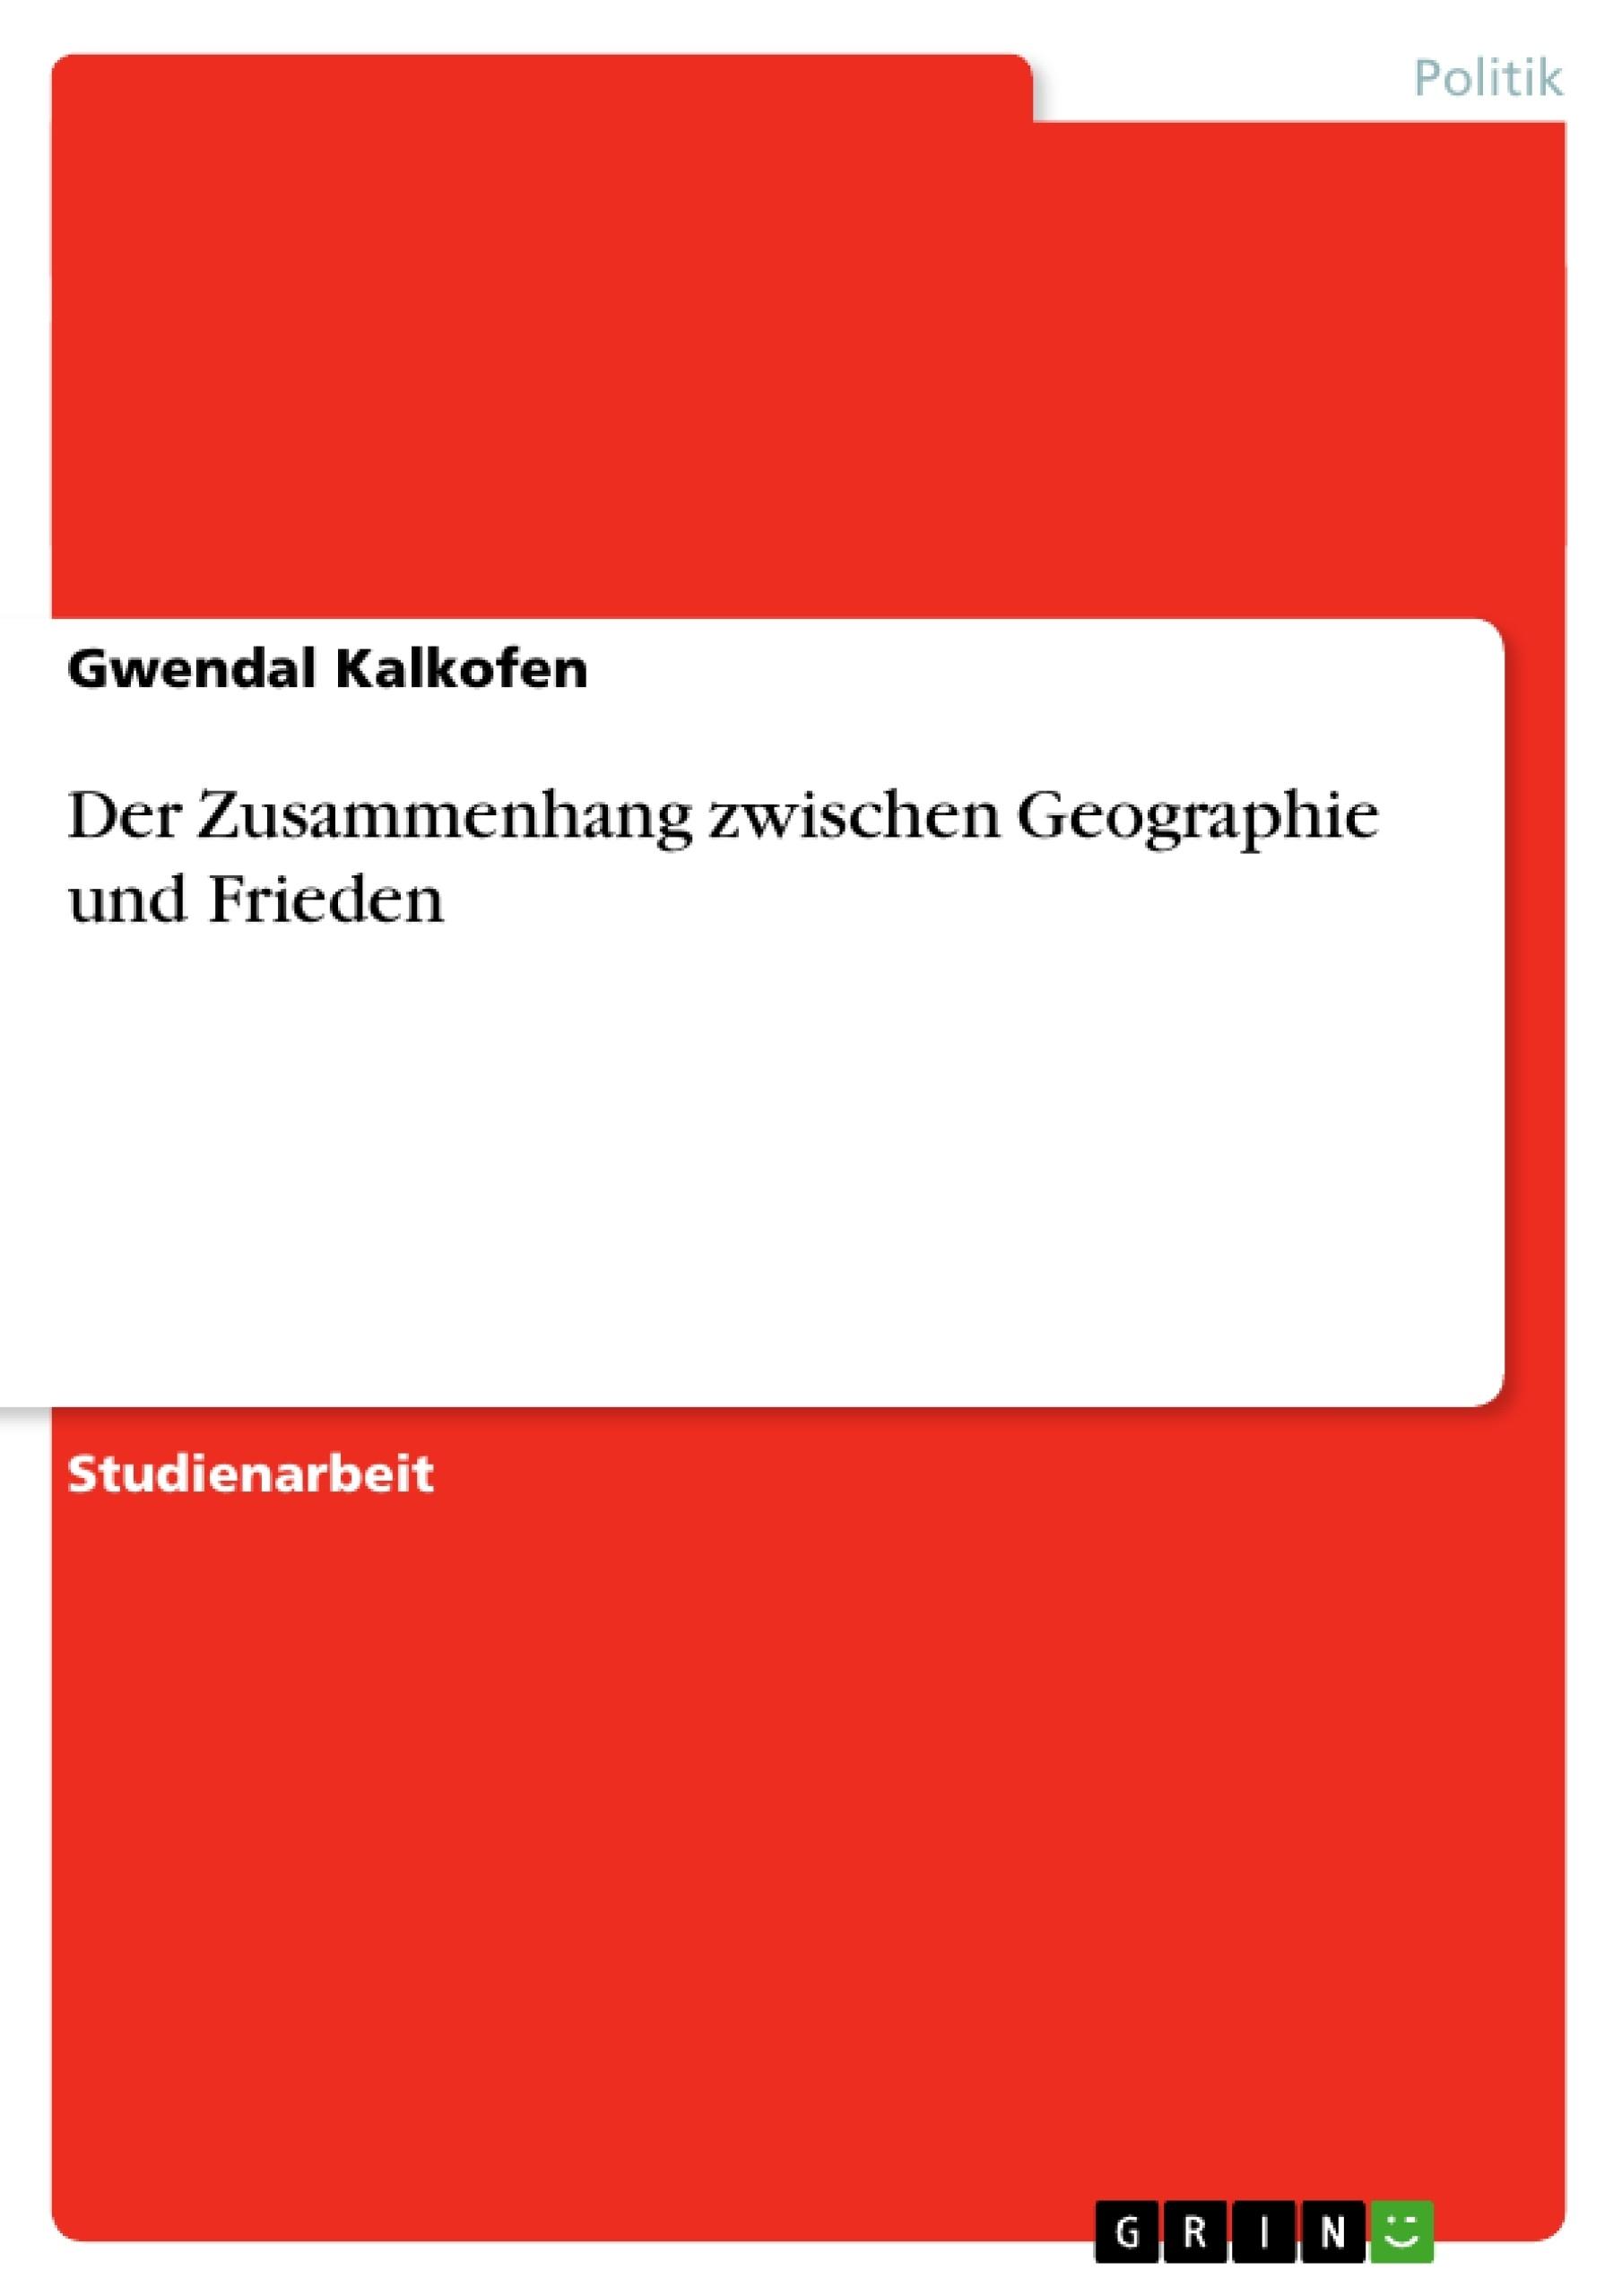 Titel: Der Zusammenhang zwischen Geographie und Frieden